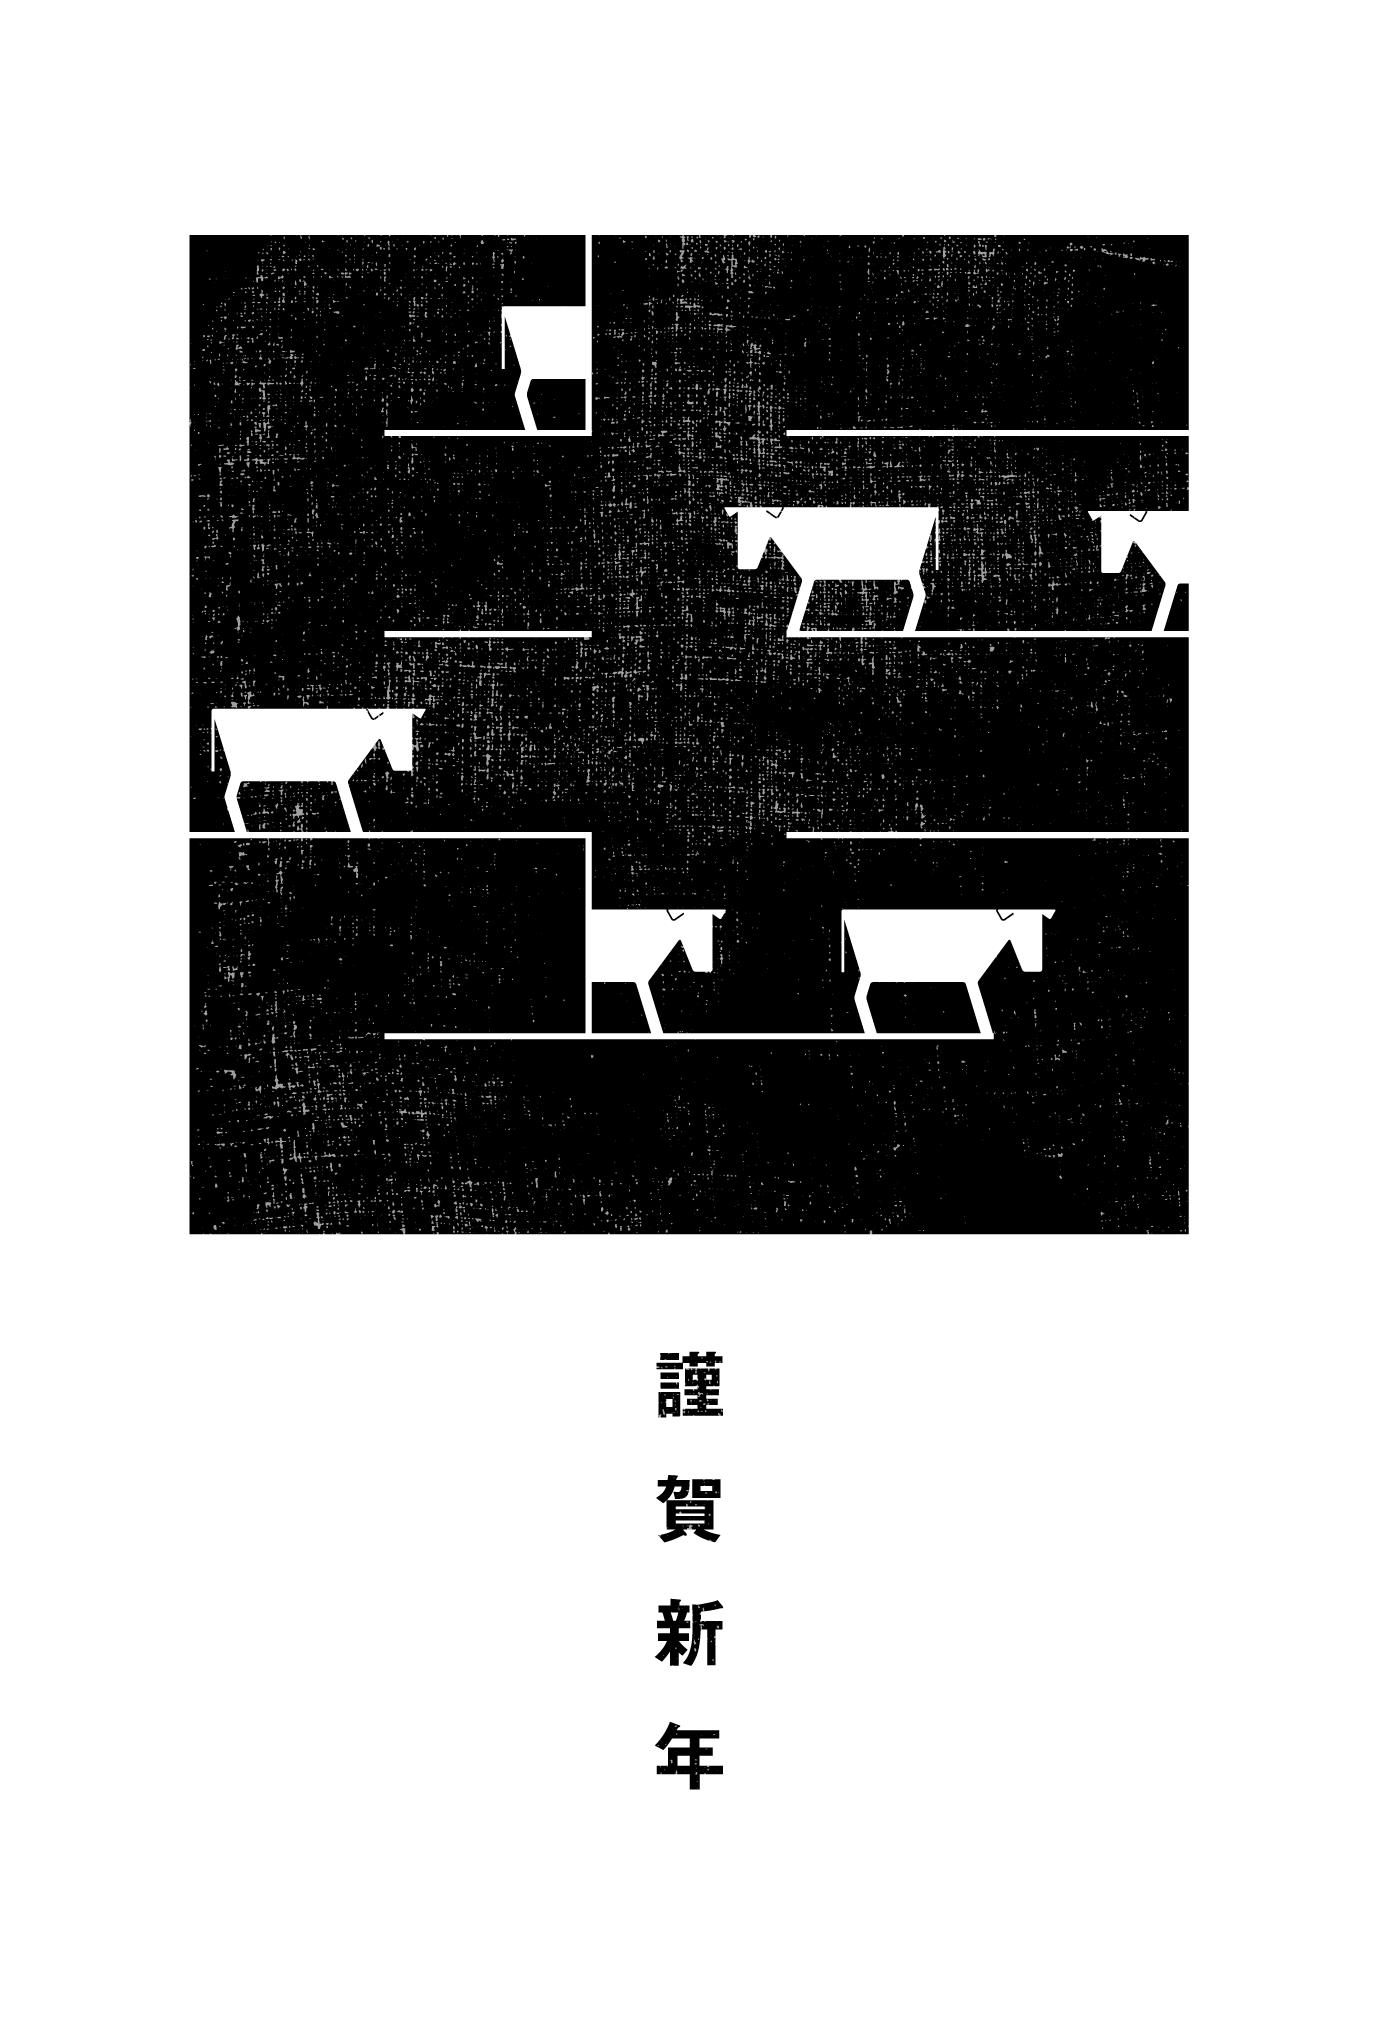 2021年賀状16-1:江戸角字(牛)B / 黒のダウンロード画像